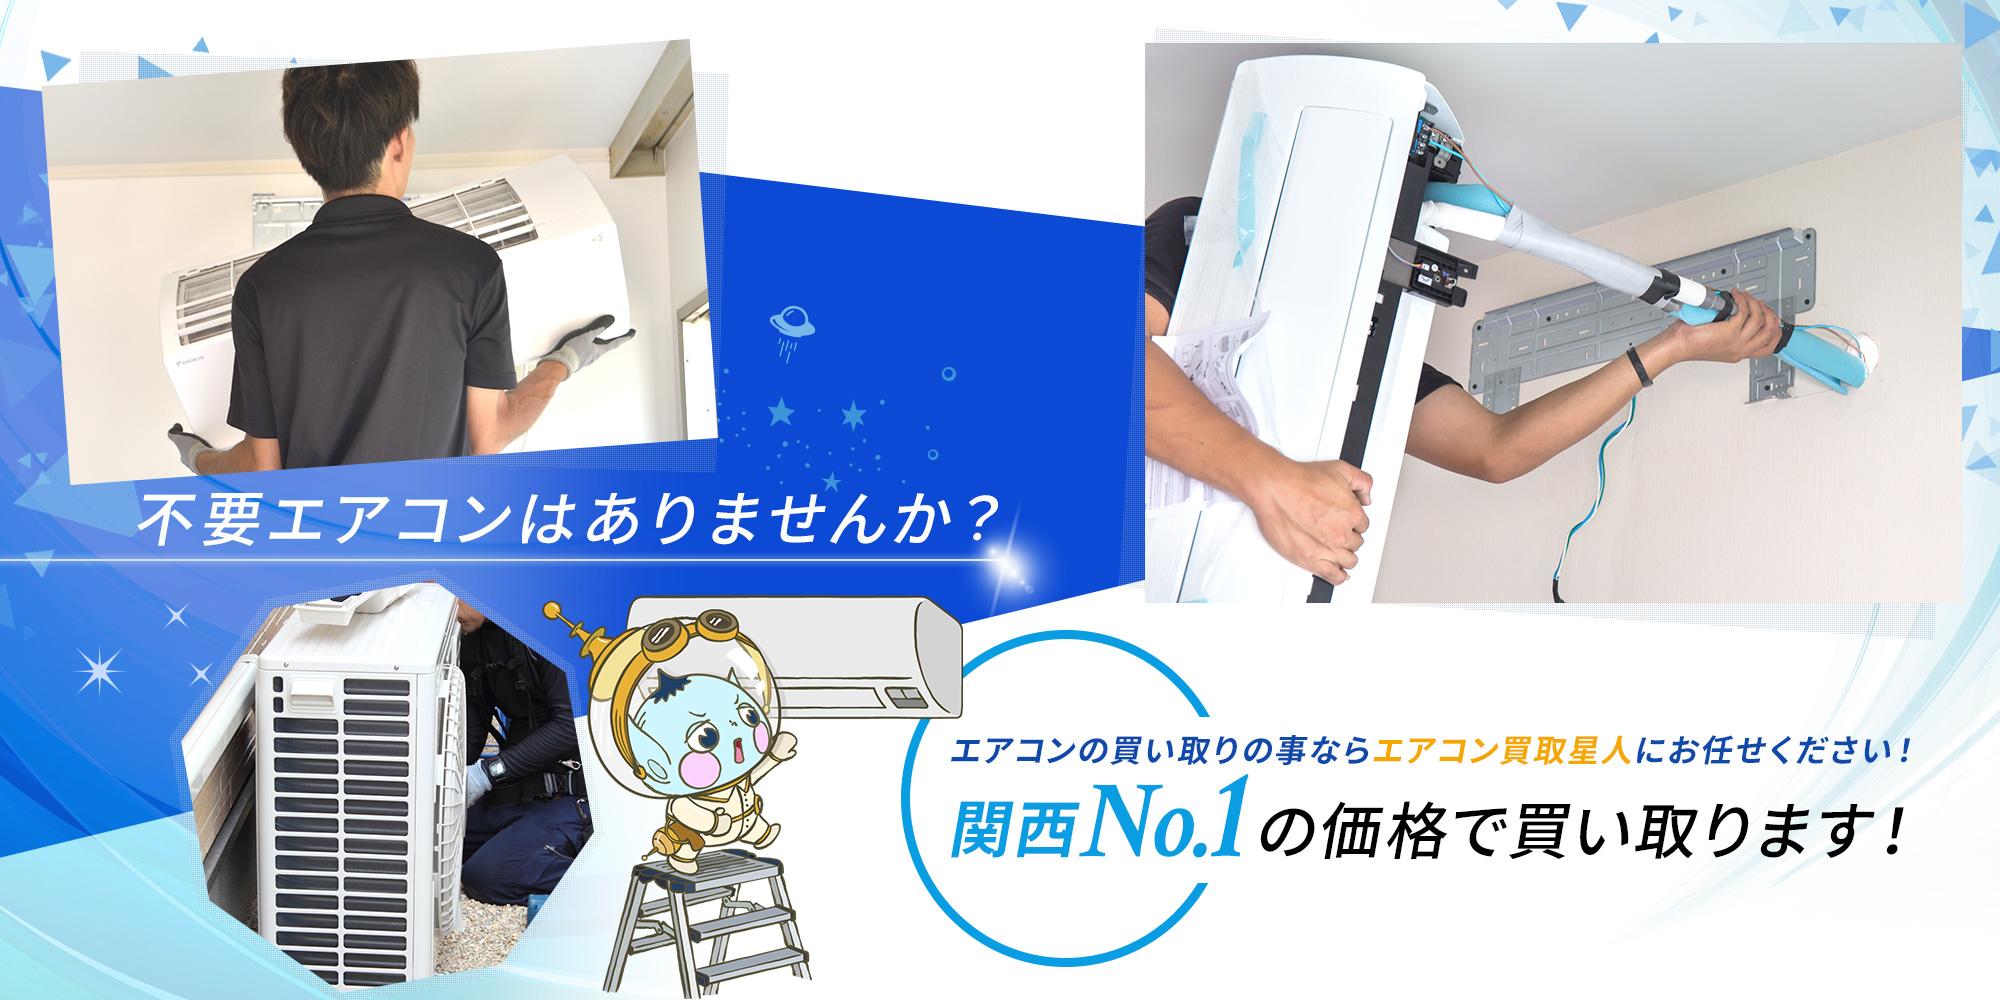 不要エアコンはありませんか?エアコンの買い取りの事ならエアコン買取星人にお任せください!